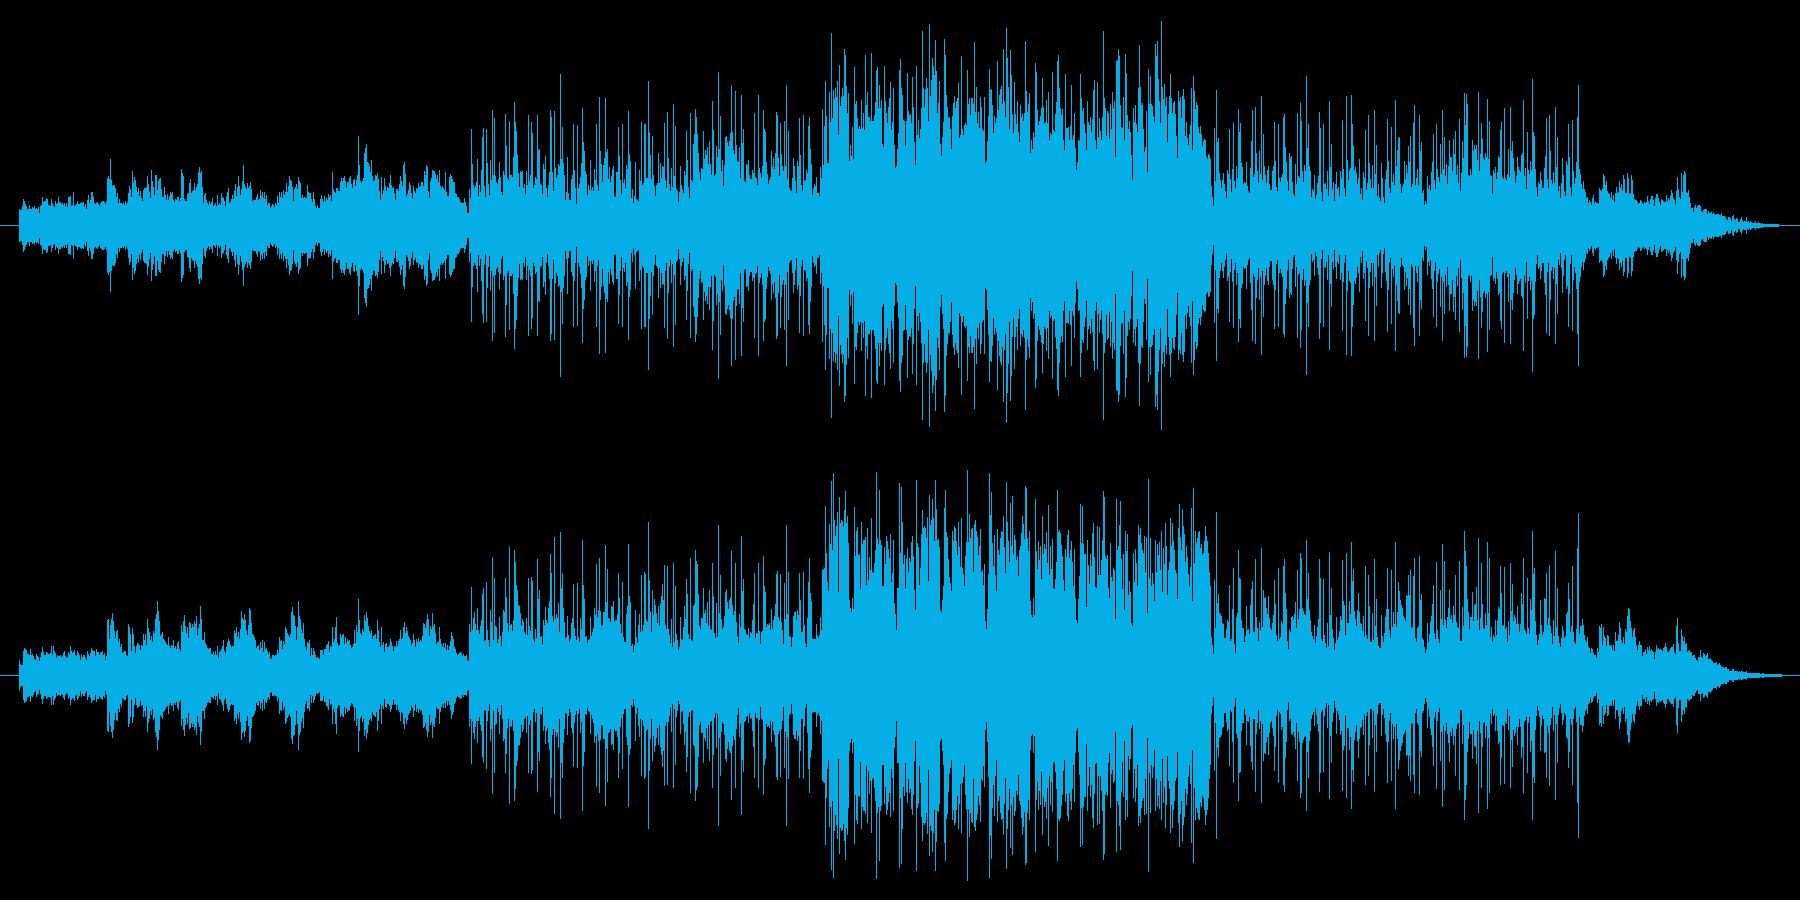 人の気配のない静かな森をイメージした曲…の再生済みの波形